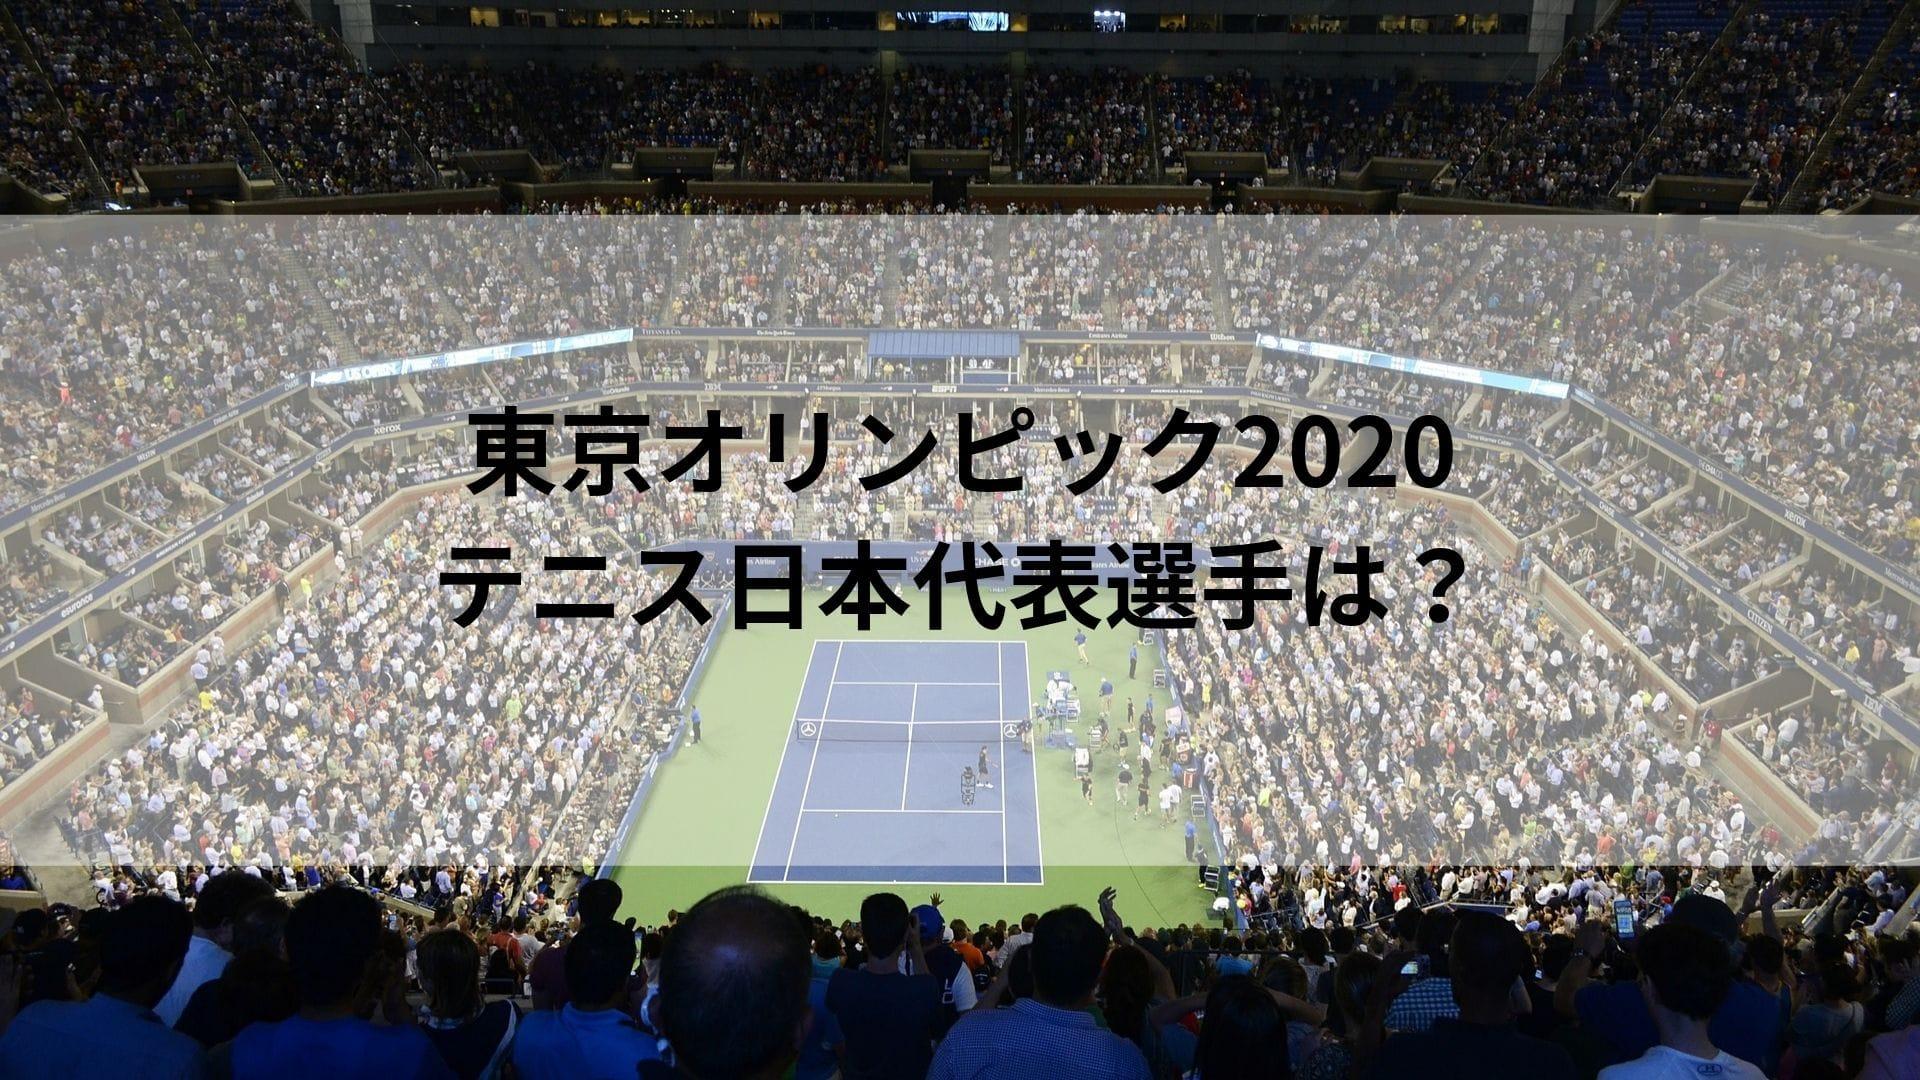 東京オリンピック2020テニス日本代表